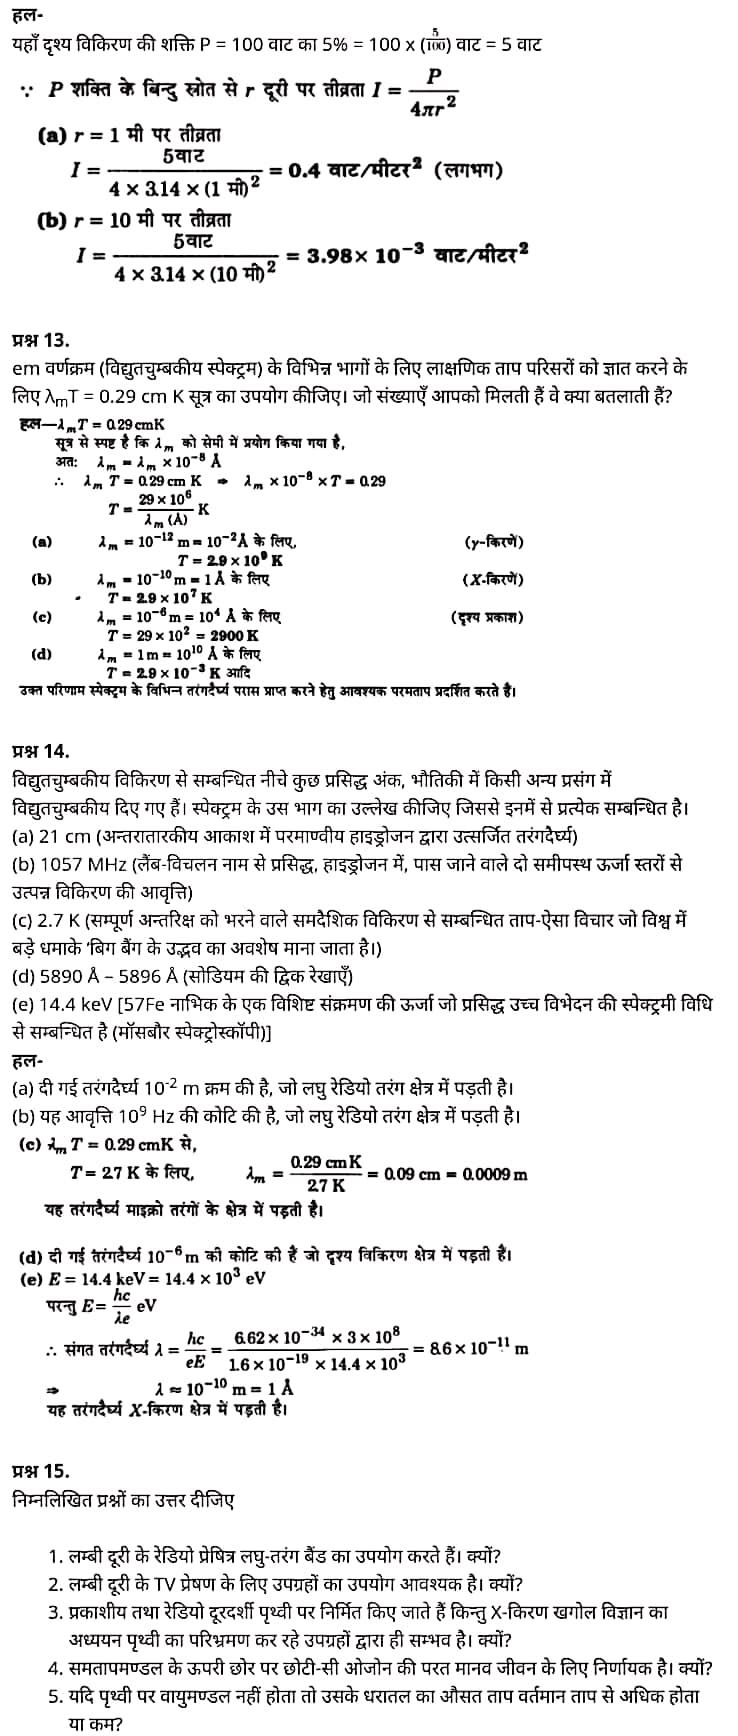 """""""Class 12 Physics Chapter 8"""", """"Electromagnetic Waves"""", """"(वैद्युत चुम्बकीय तरंगें)"""", Hindi Medium भौतिक विज्ञान कक्षा 12 नोट्स pdf,  भौतिक विज्ञान कक्षा 12 नोट्स 2021 NCERT,  भौतिक विज्ञान कक्षा 12 PDF,  भौतिक विज्ञान पुस्तक,  भौतिक विज्ञान की बुक,  भौतिक विज्ञान प्रश्नोत्तरी Class 12, 12 वीं भौतिक विज्ञान पुस्तक RBSE,  बिहार बोर्ड 12 वीं भौतिक विज्ञान नोट्स,   12th Physics book in hindi,12th Physics notes in hindi,cbse books for class 12,cbse books in hindi,cbse ncert books,class 12 Physics notes in hindi,class 12 hindi ncert solutions,Physics 2020,Physics 2021,Maths 2022,Physics book class 12,Physics book in hindi,Physics class 12 in hindi,Physics notes for class 12 up board in hindi,ncert all books,ncert app in hindi,ncert book solution,ncert books class 10,ncert books class 12,ncert books for class 7,ncert books for upsc in hindi,ncert books in hindi class 10,ncert books in hindi for class 12 Physics,ncert books in hindi for class 6,ncert books in hindi pdf,ncert class 12 hindi book,ncert english book,ncert Physics book in hindi,ncert Physics books in hindi pdf,ncert Physics class 12,ncert in hindi,old ncert books in hindi,online ncert books in hindi,up board 12th,up board 12th syllabus,up board class 10 hindi book,up board class 12 books,up board class 12 new syllabus,up Board Maths 2020,up Board Maths 2021,up Board Maths 2022,up Board Maths 2023,up board intermediate Physics syllabus,up board intermediate syllabus 2021,Up board Master 2021,up board model paper 2021,up board model paper all subject,up board new syllabus of class 12th Physics,up board paper 2021,Up board syllabus 2021,UP board syllabus 2022,  12 वीं भौतिक विज्ञान पुस्तक हिंदी में, 12 वीं भौतिक विज्ञान नोट्स हिंदी में, कक्षा 12 के लिए सीबीएससी पुस्तकें, हिंदी में सीबीएससी पुस्तकें, सीबीएससी  पुस्तकें, कक्षा 12 भौतिक विज्ञान नोट्स हिंदी में, कक्षा 12 हिंदी एनसीईआरटी समाधान, भौतिक विज्ञान 2020, भौतिक विज्ञान 2021, भौतिक विज्ञान 2022, भौतिक विज्ञान  बुक क्लास 12, भौतिक विज्ञान बुक इन हिंदी, बायोलॉजी """